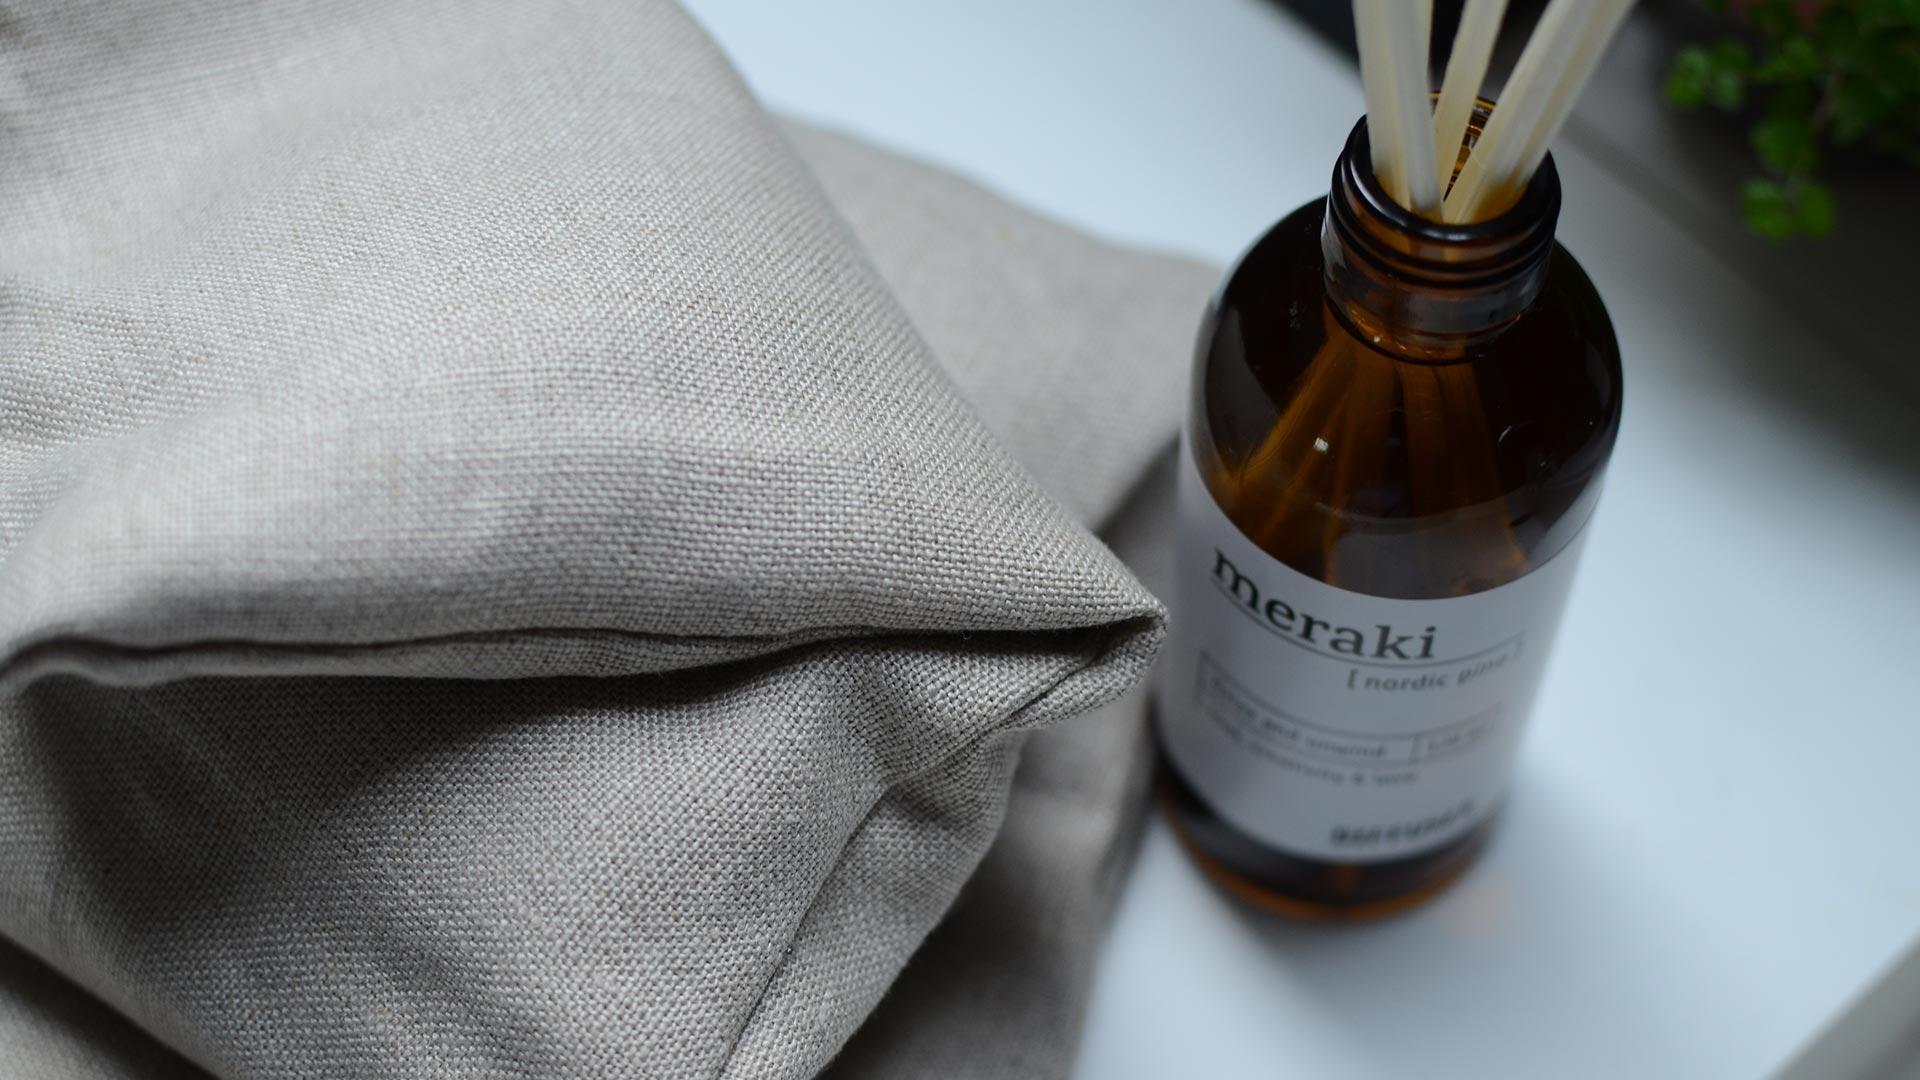 meraki-neck-wrap organic-linen